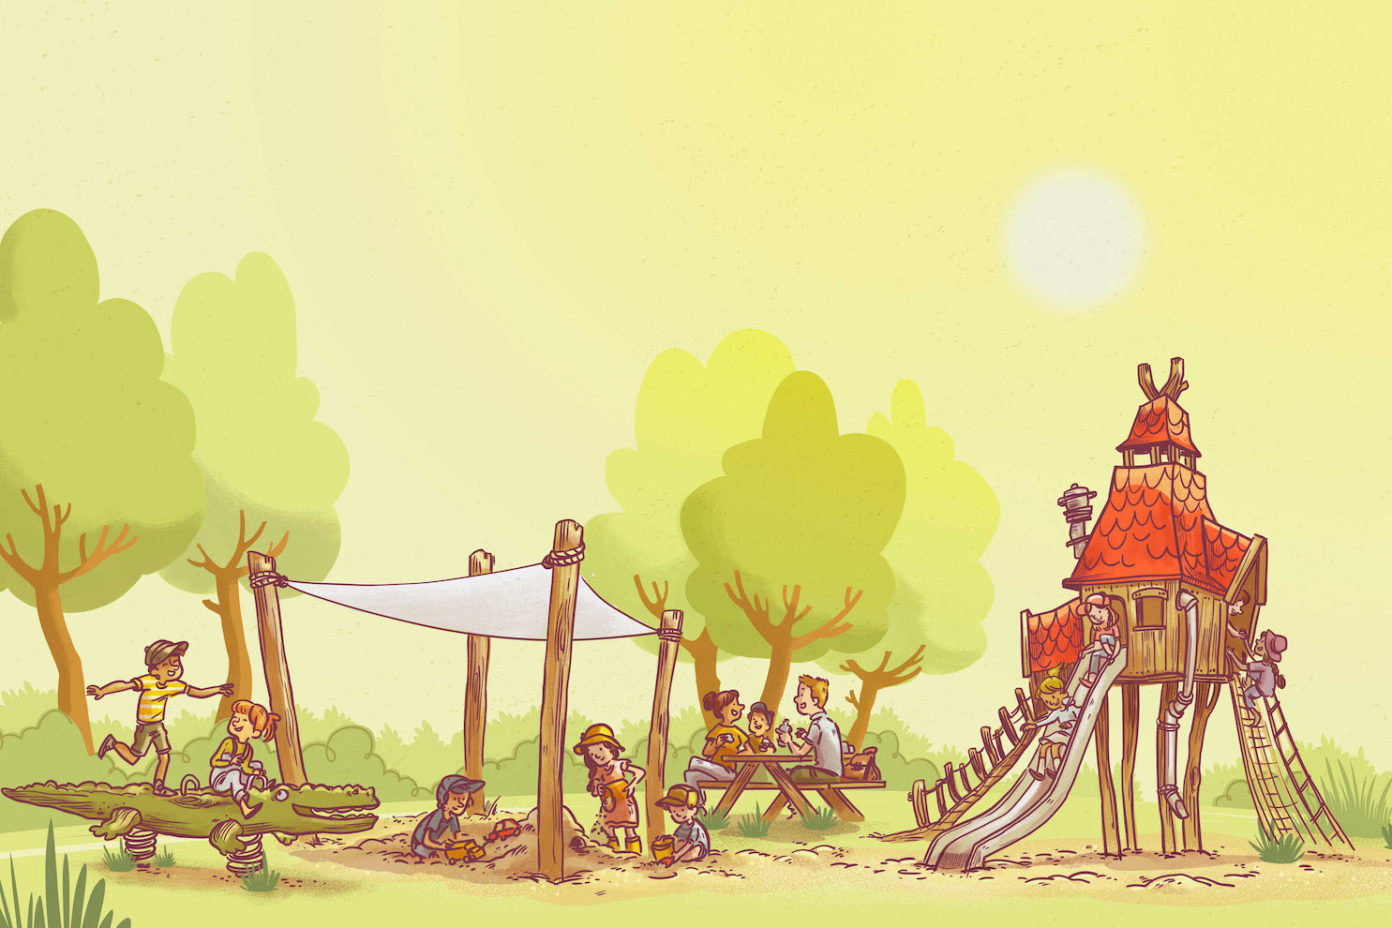 Illustration zeigt einen Spielplatz in der prallen Mittagssonne.